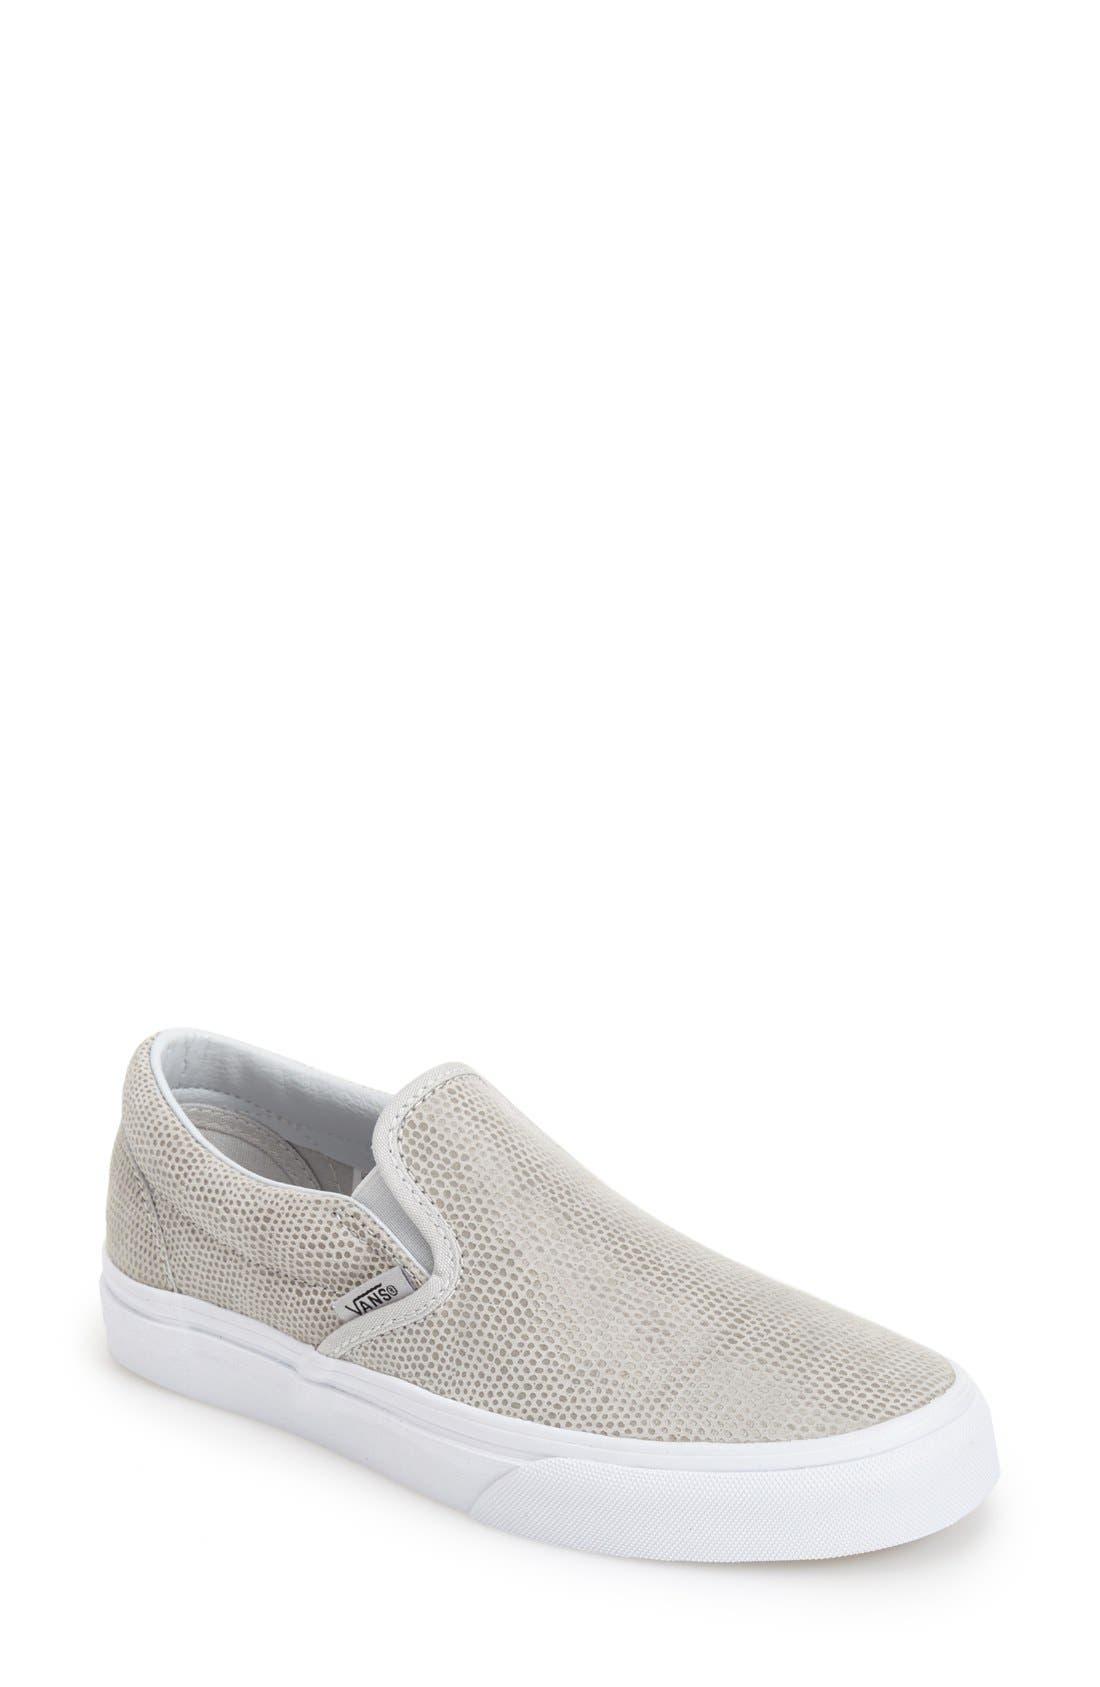 Main Image - Vans 'Pebble' Slip-On Sneaker (Women)